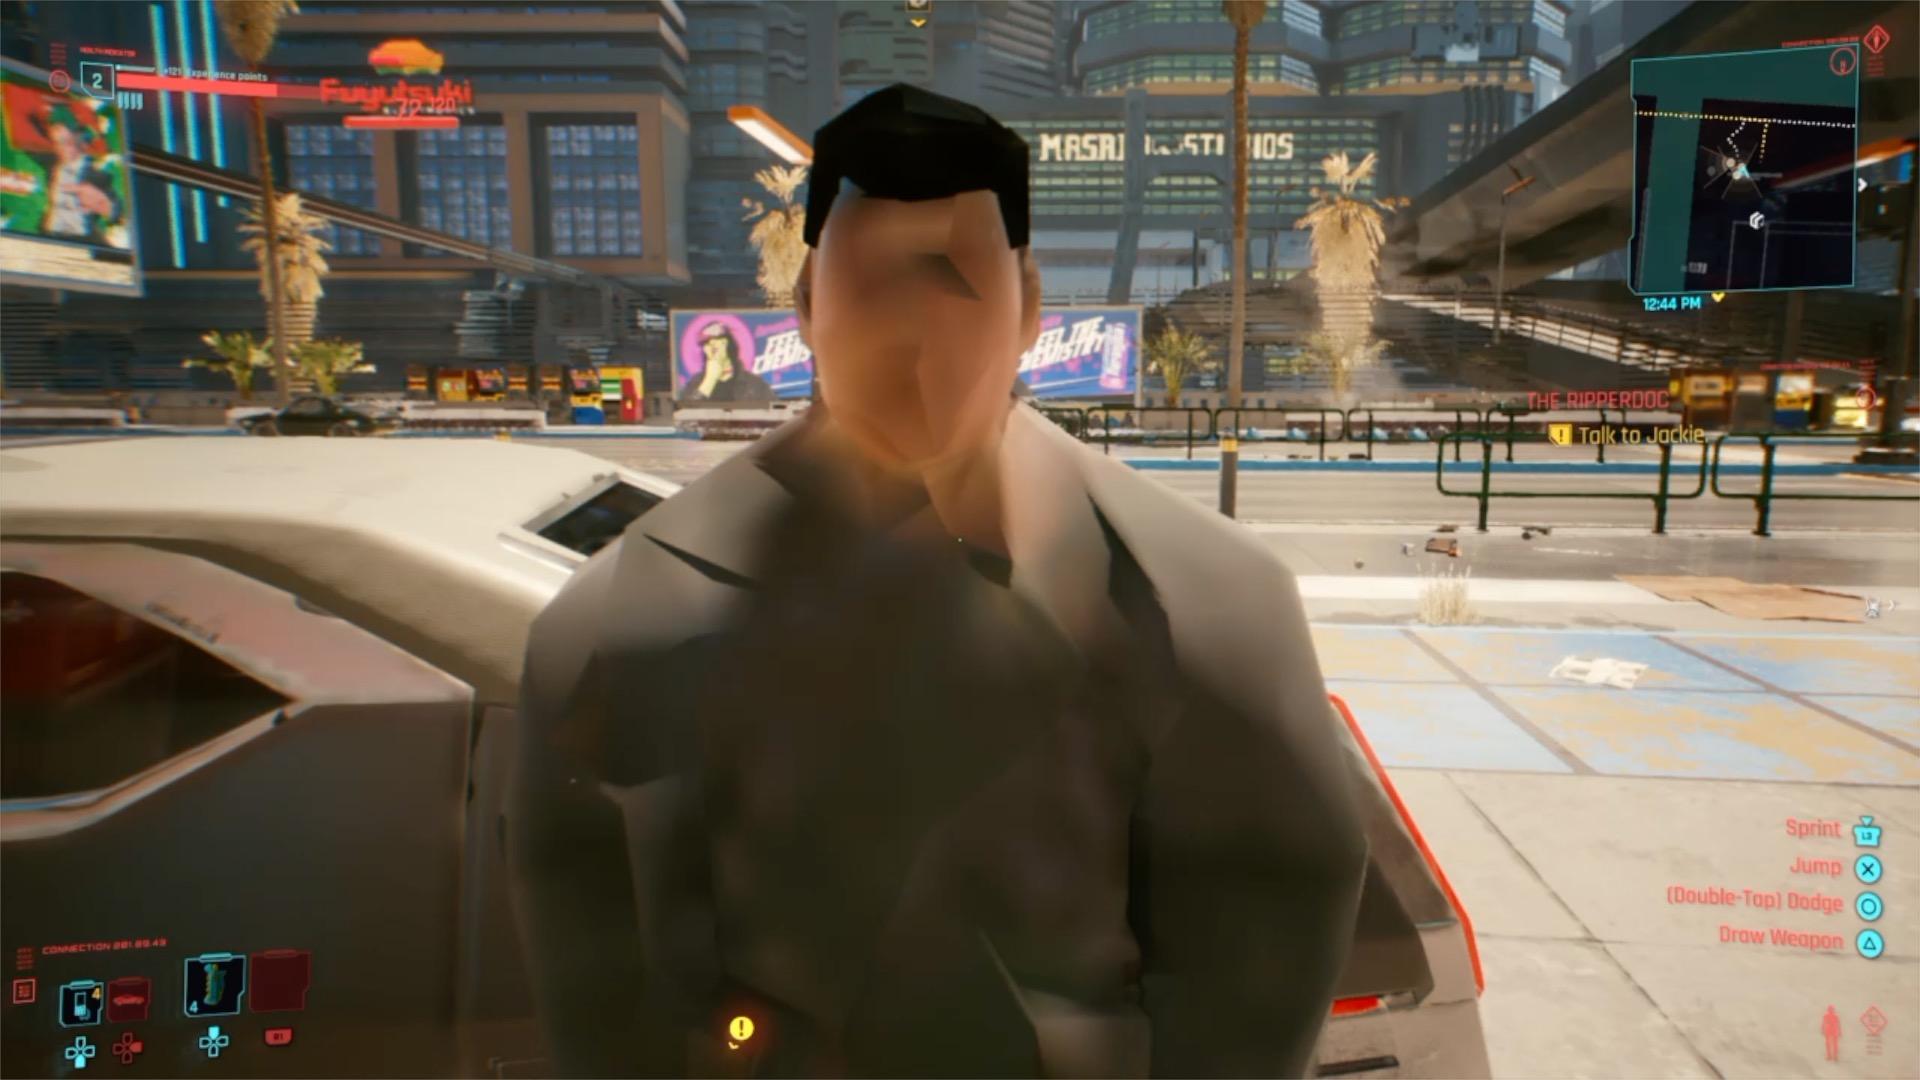 Так иногда выглядит Cyberpunk 2077 на Xbox One и PS4 / фото twitter.com/MichaelDoesLife